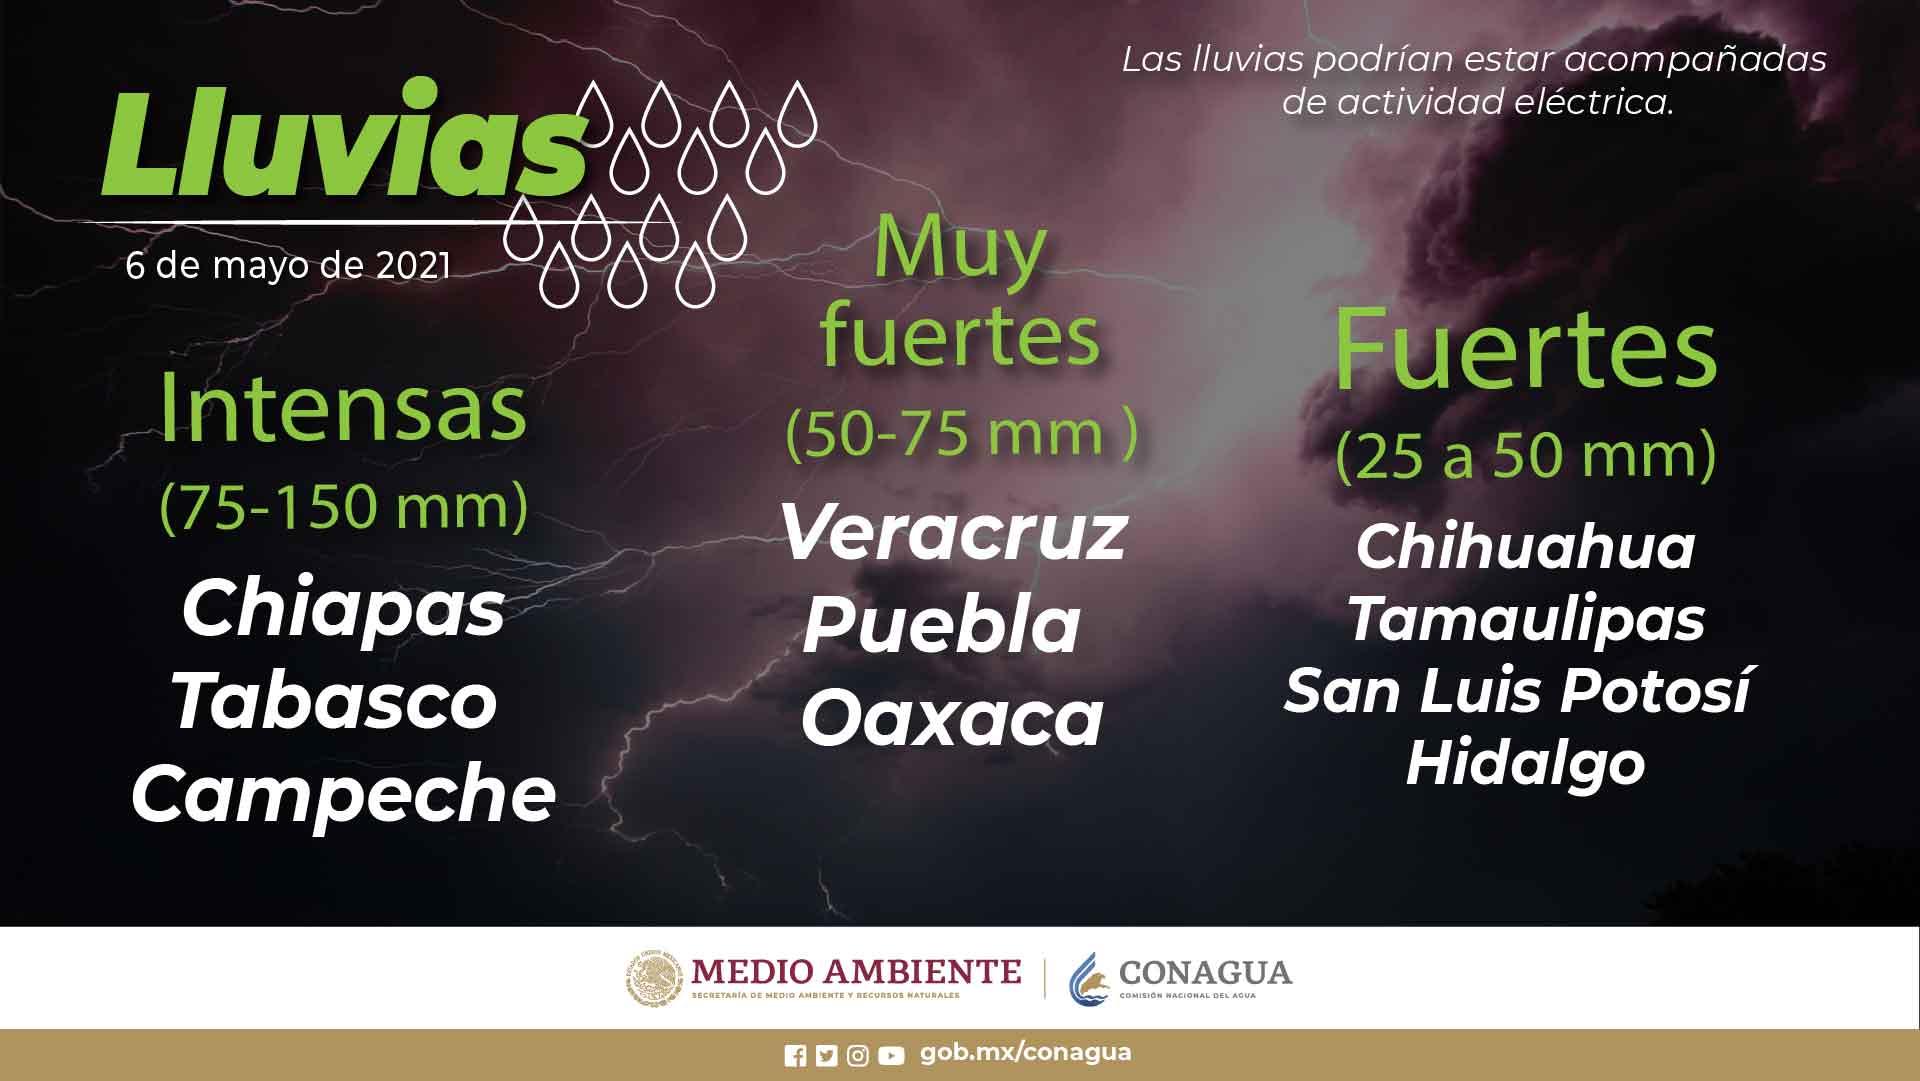 Lluvias intensas, descargas eléctricas y posibles granizadas, se pronostican para Campeche, Chiapas y Tabasco